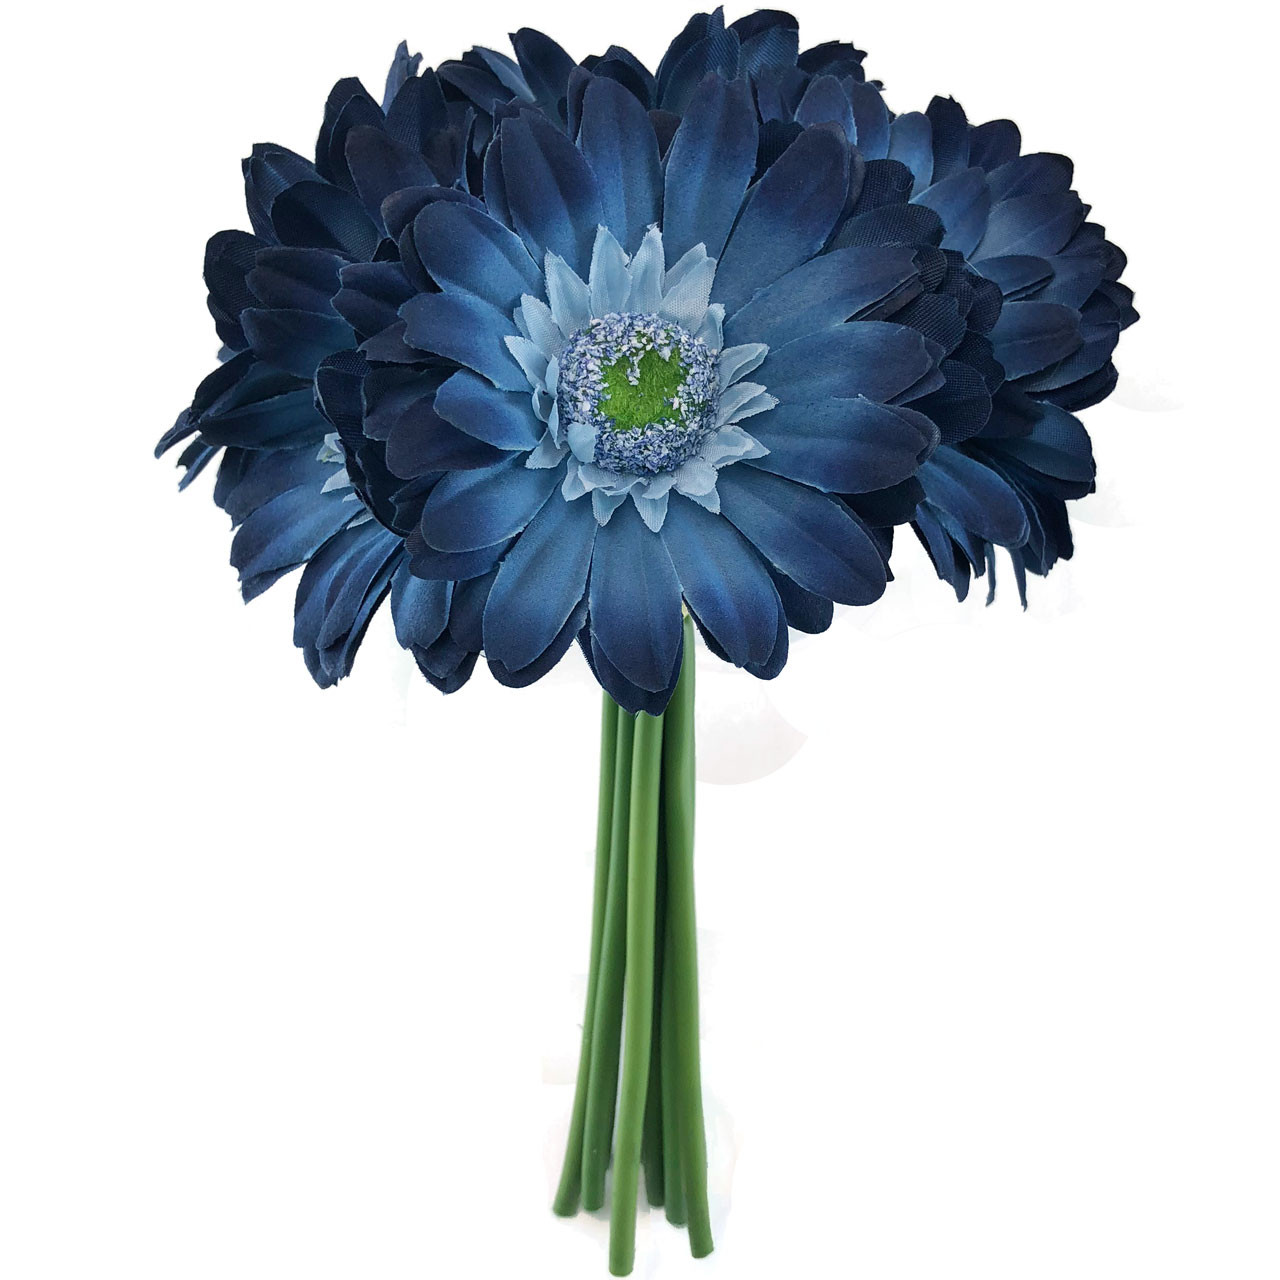 Blue Daisy Wedding Bouquet Silk Bridal Flowers 9 Stem